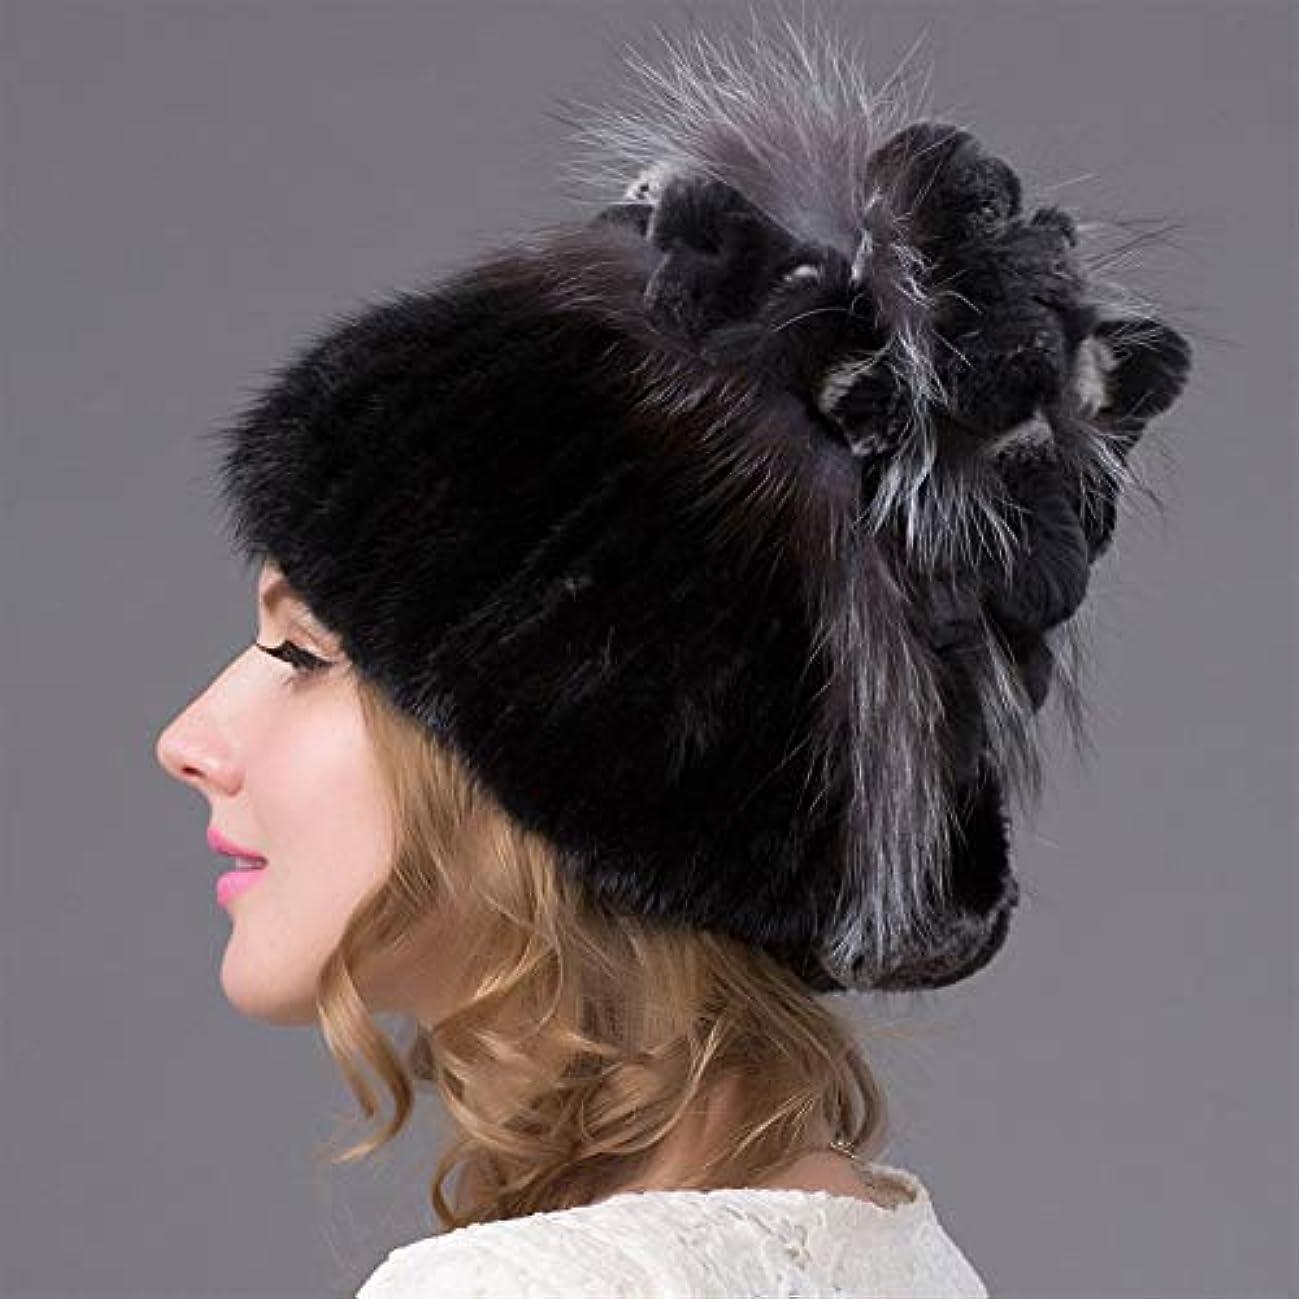 焼くアセンブリ個人ACAO さん冬のミンクの毛皮の帽子のファッション韓国のかわいいイヤーキャップ暖かい毛皮の帽子 (色 : Dark gray, Size : L)